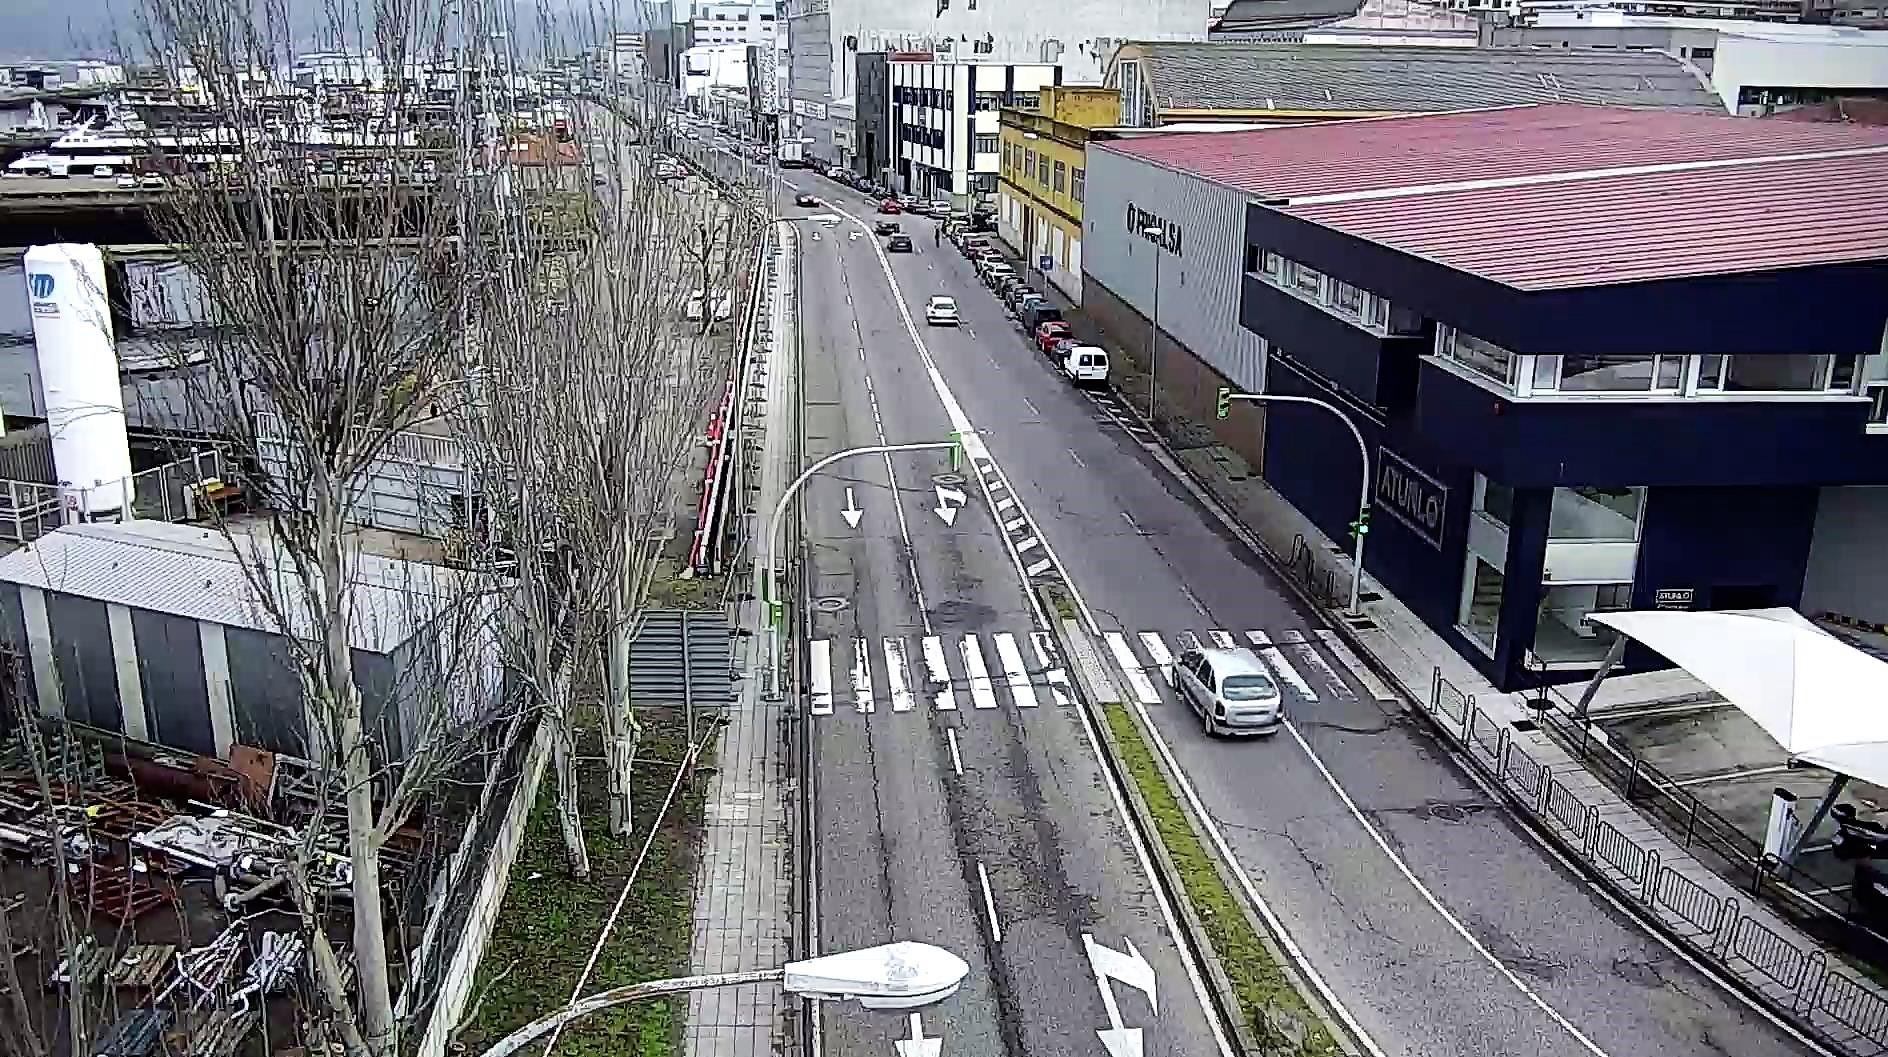 404 Rotonda Calle Coruña - 26_02_2020 11h43'54''